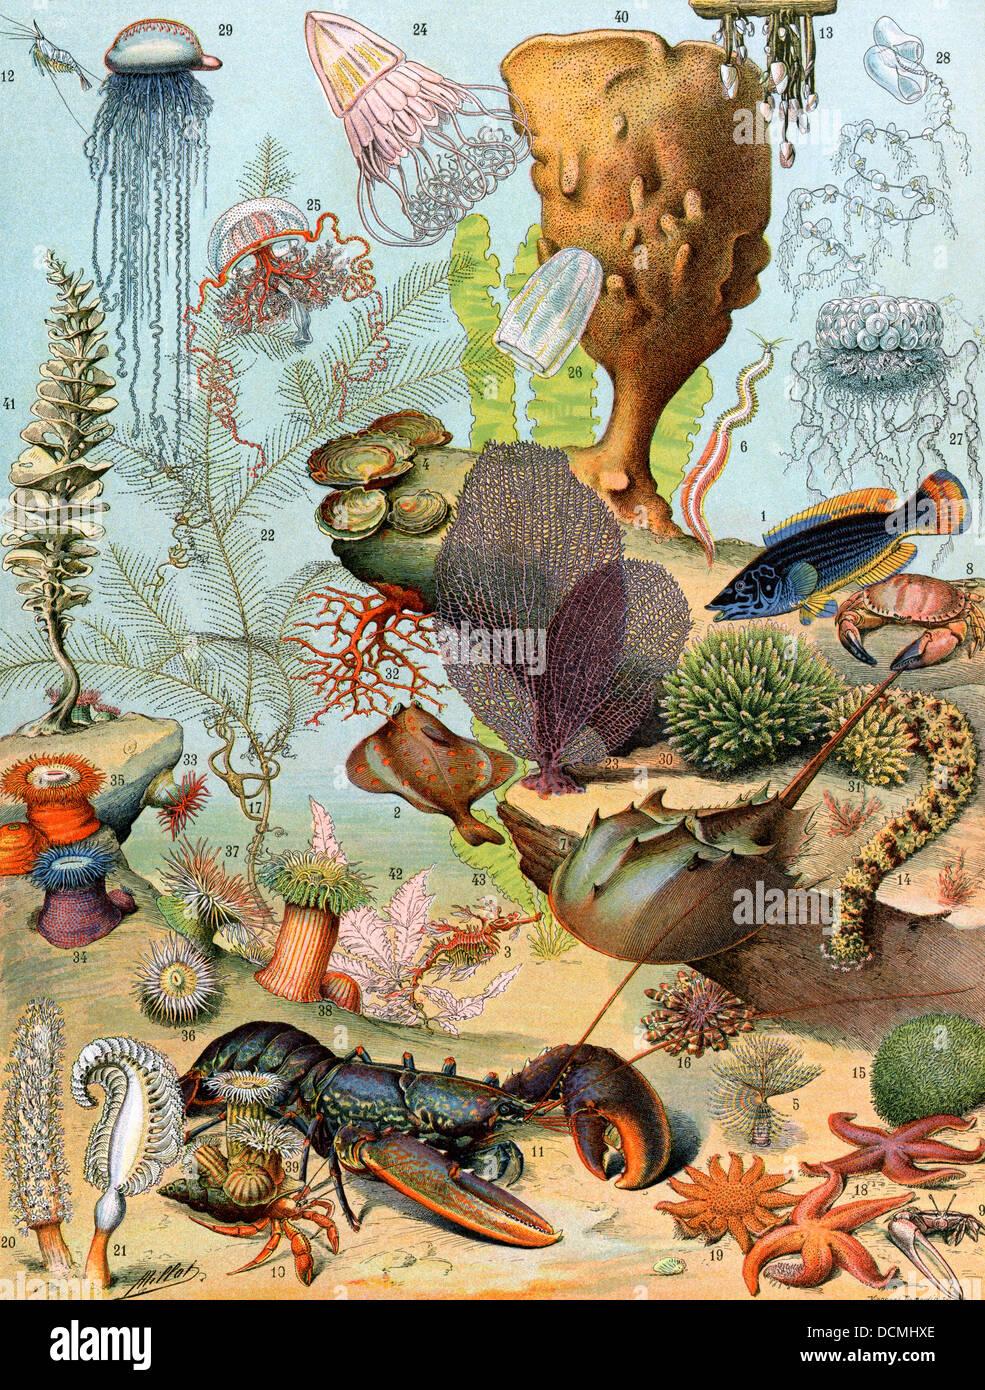 La vie sur le fond de la mer, y compris les crustacés et mollusques. Lithographie couleur Photo Stock